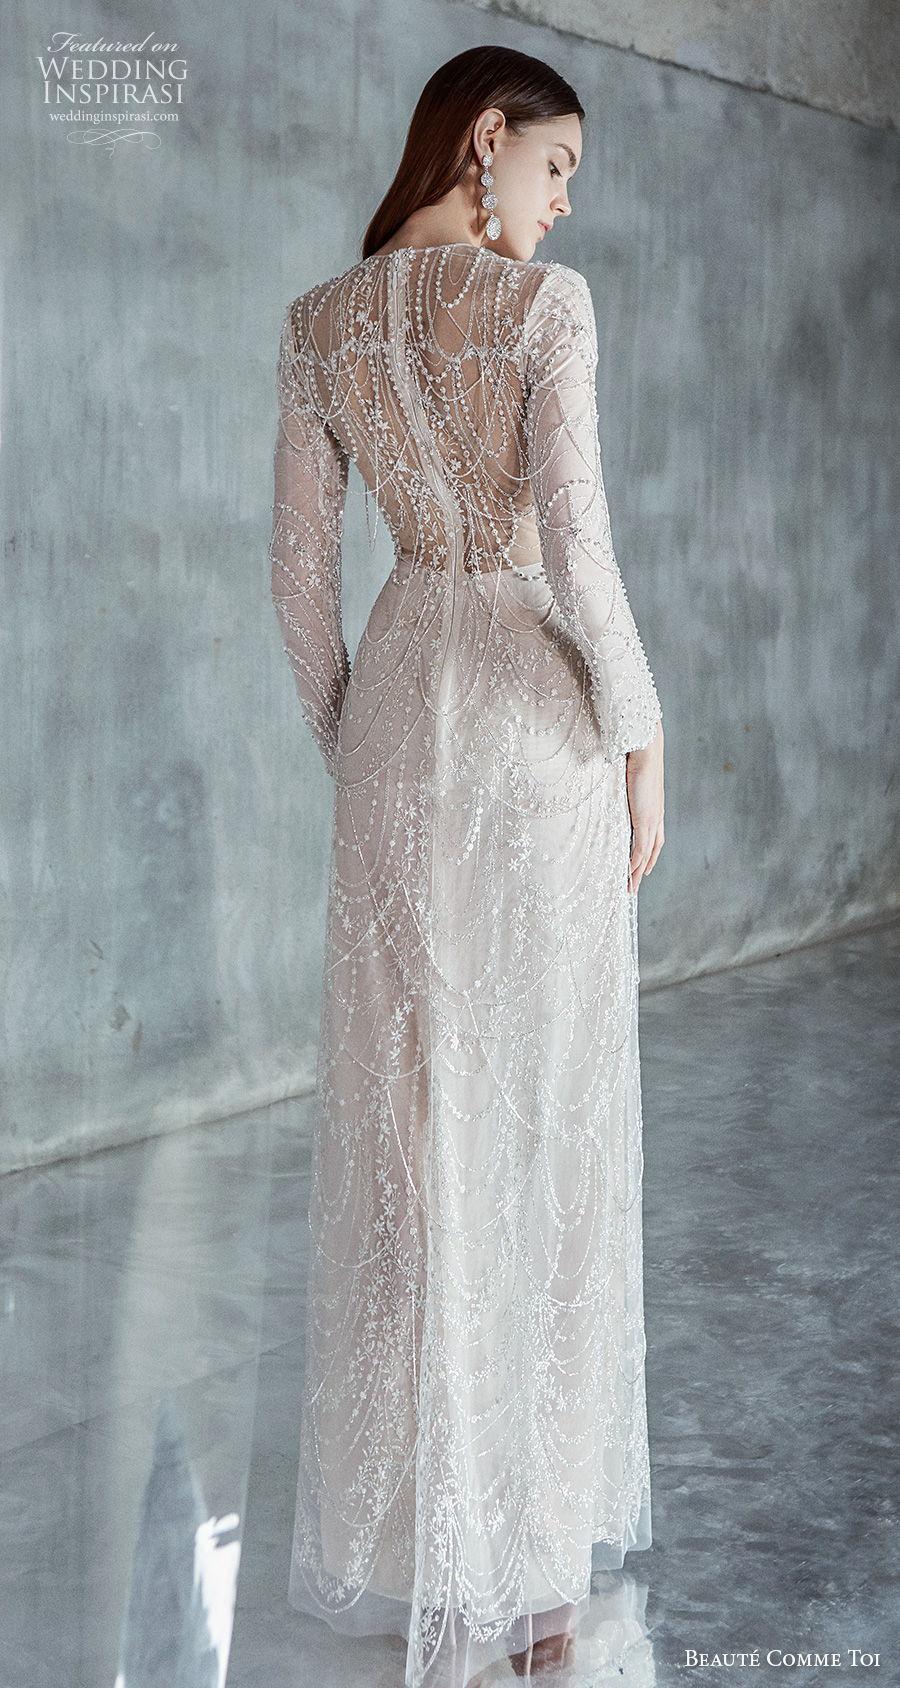 beaute comme toi 2021 bridal long sleeves jewel neckline full embellishment glamorous elegant sheath wedding dress embellished back sweep train (clarice) bv